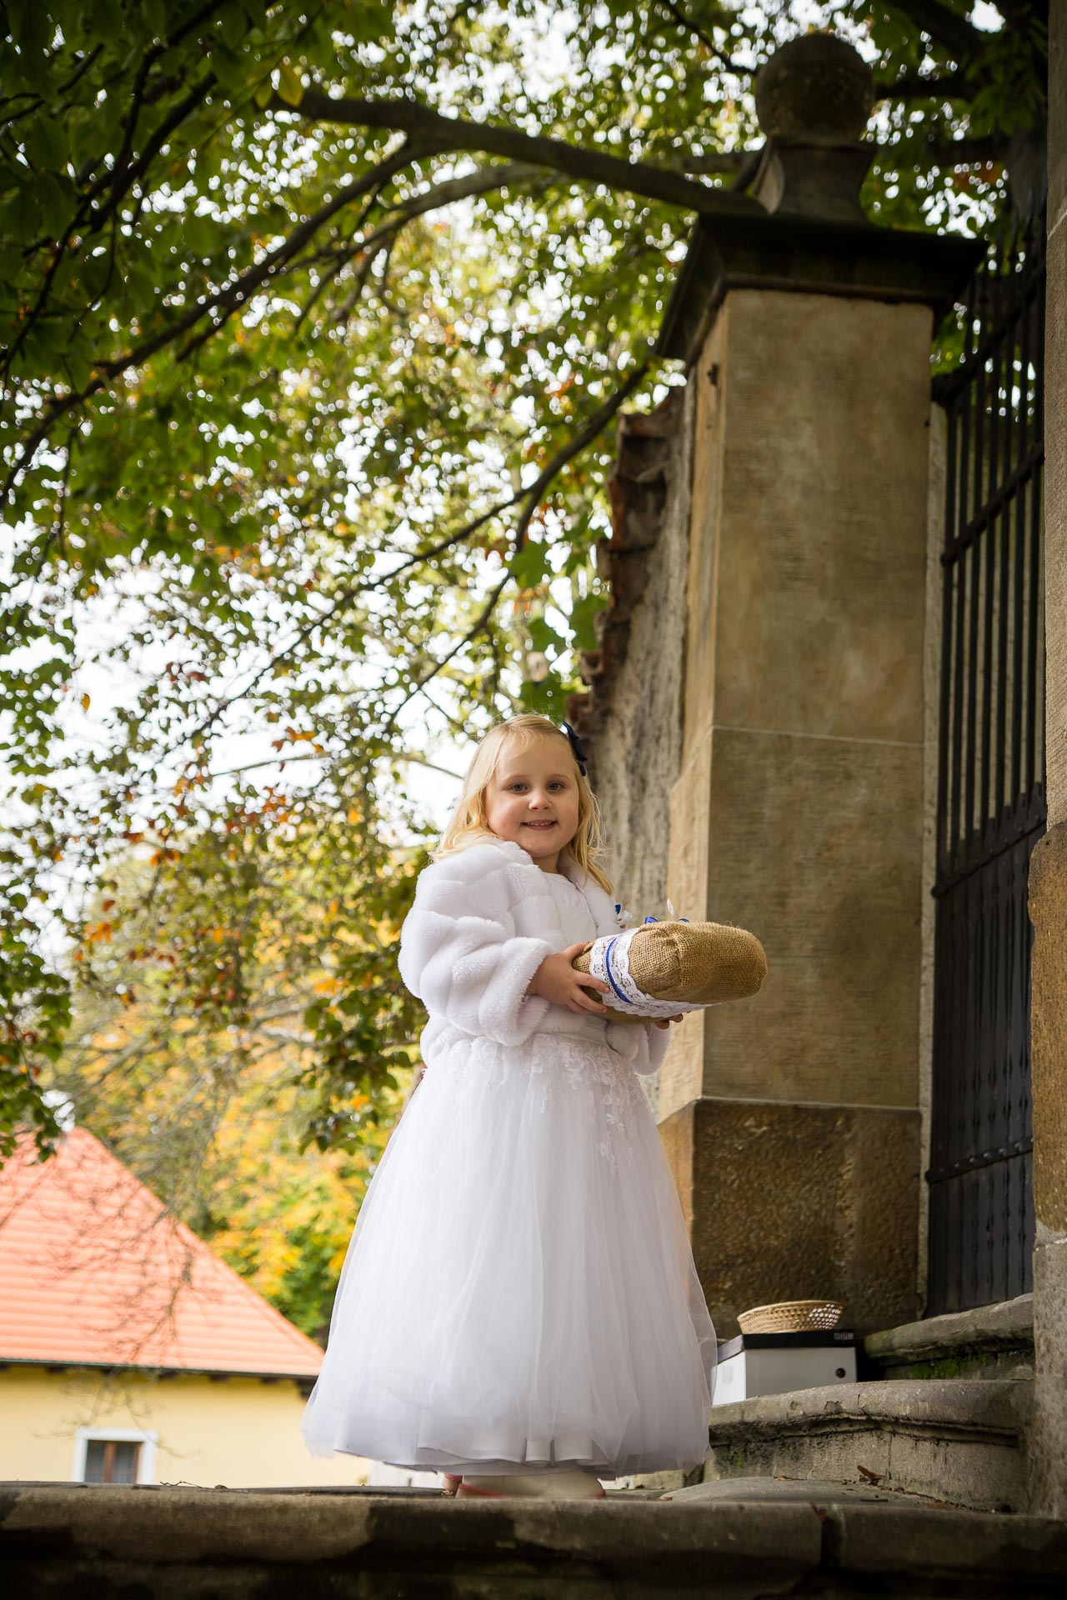 svatba Praha Celakovice svatebni fotograf-90